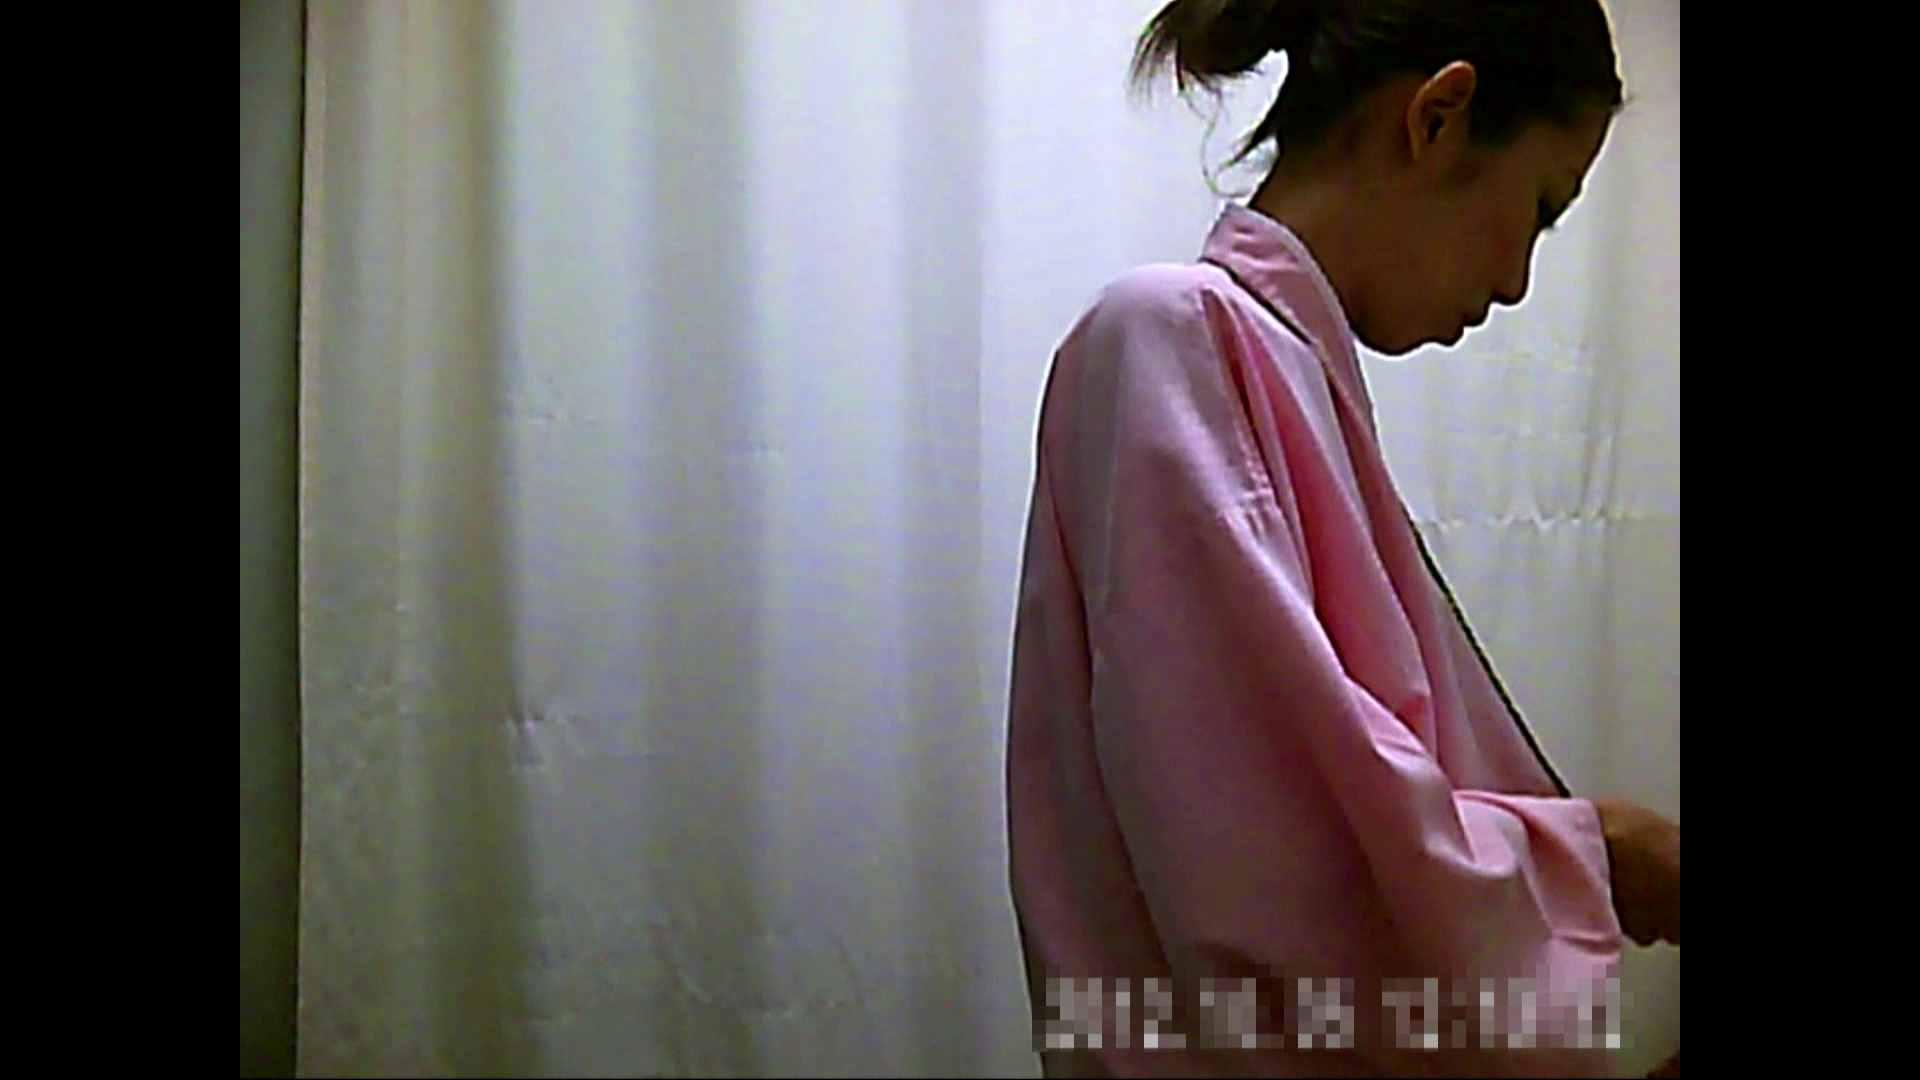 元医者による反抗 更衣室地獄絵巻 vol.274 エッチすぎるOL達 | 0  105連発 9